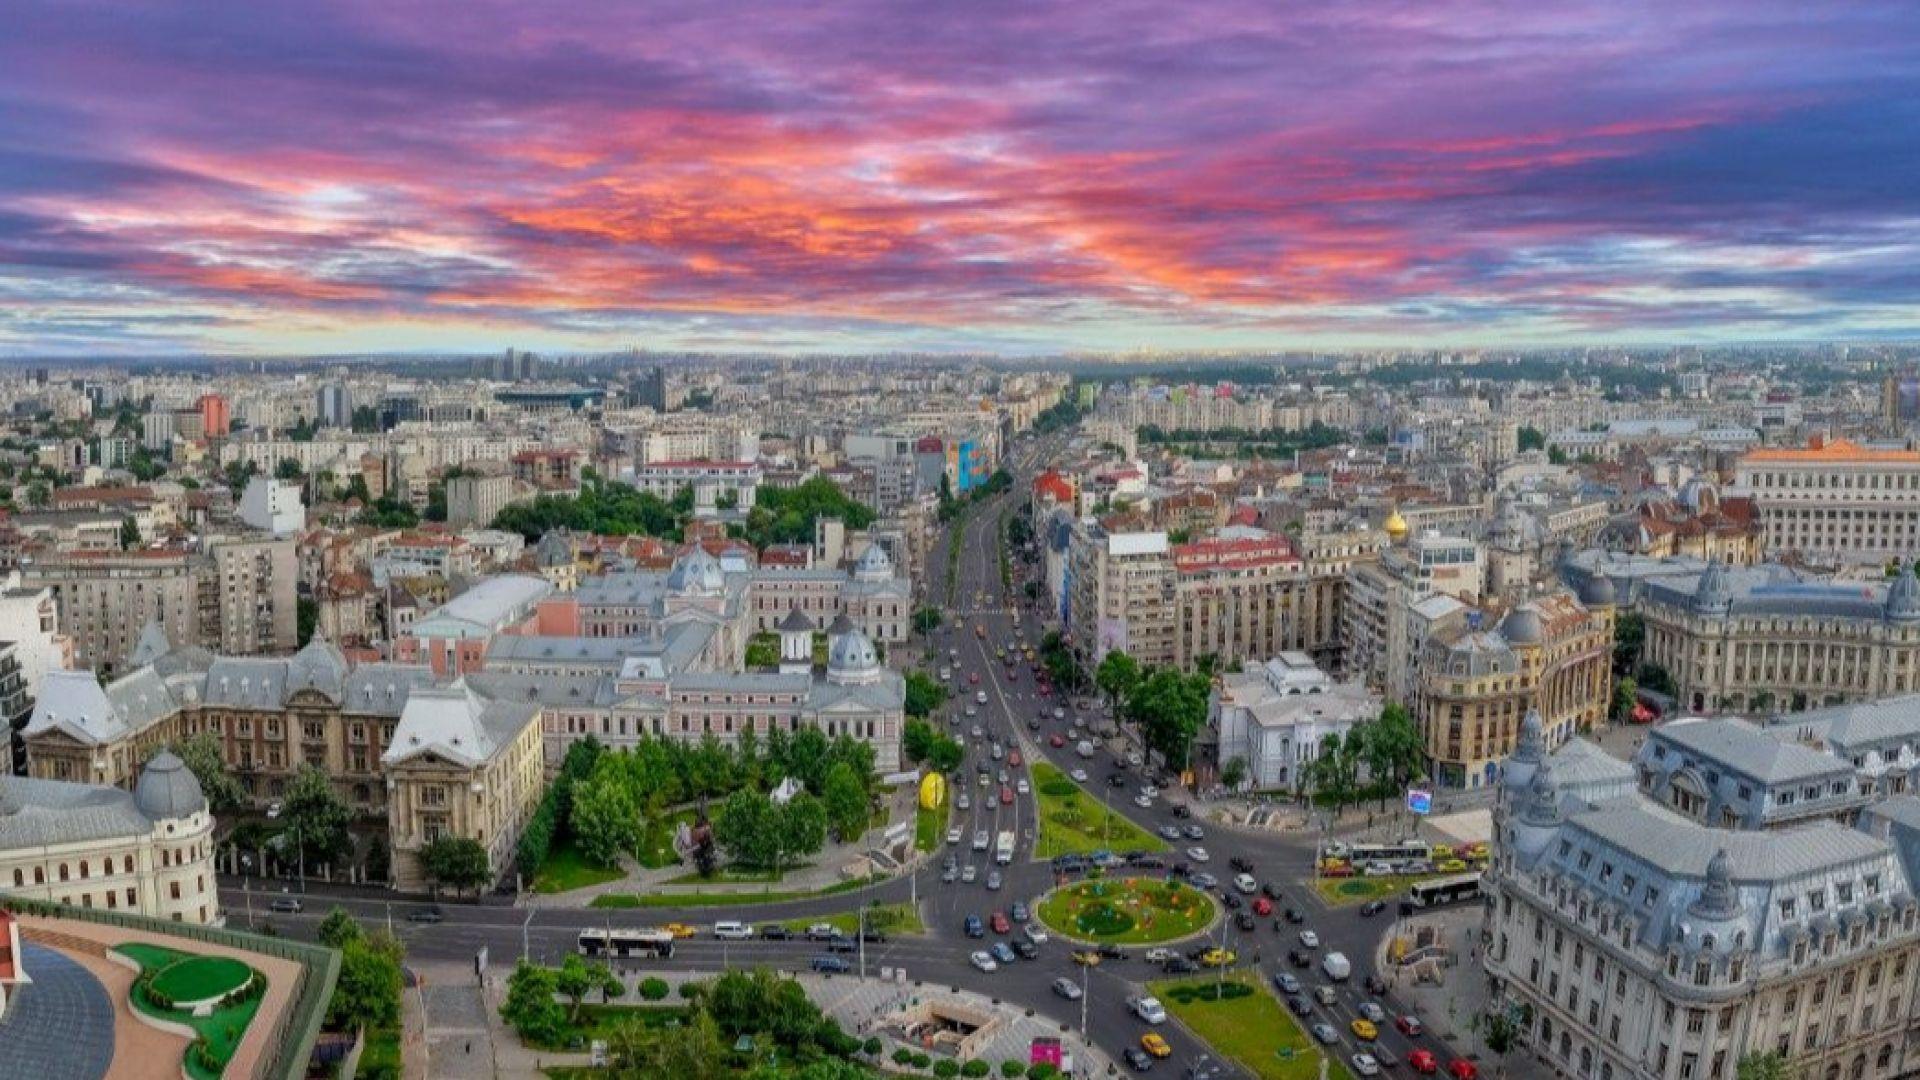 Глобалните инвестиции в имоти достигнаха 1.6 трлн. евро